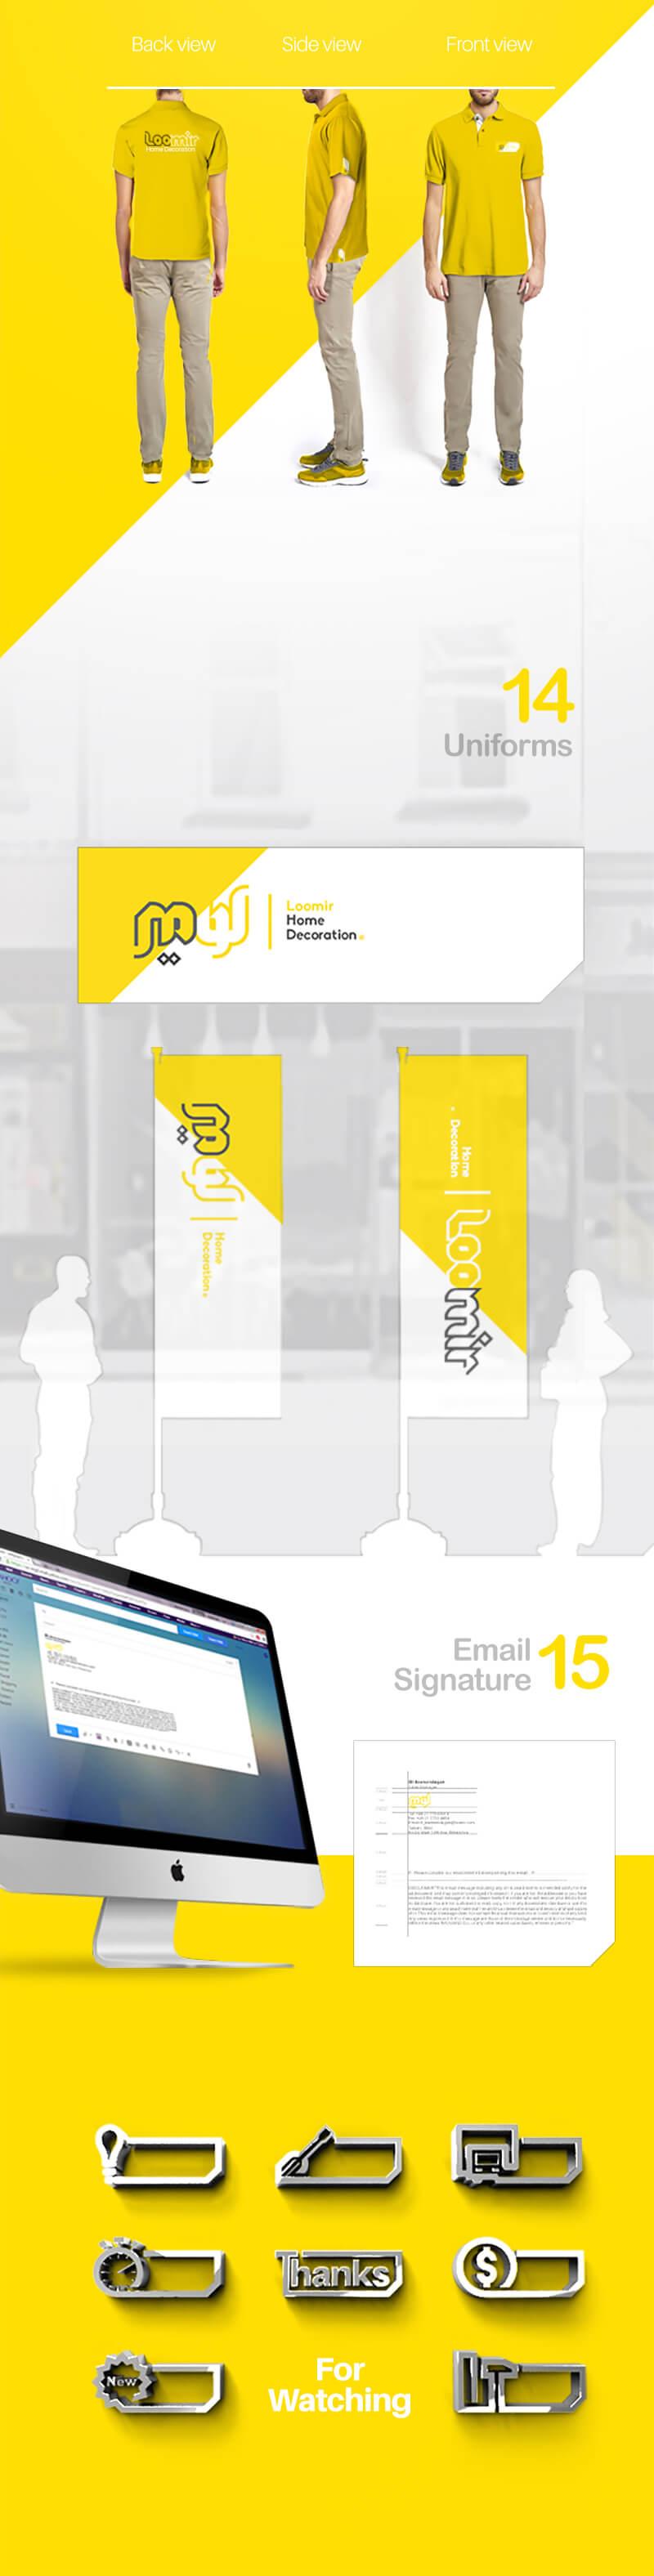 هویت بصری لومیر 8، لومیر، هویت بصری، طراحی لوگو، طراحی لوگوتایپ، طراحی ست اداری، طراحی اوراق اداری، شرکت تبلیغاتی الف، طراحی هویت بصری